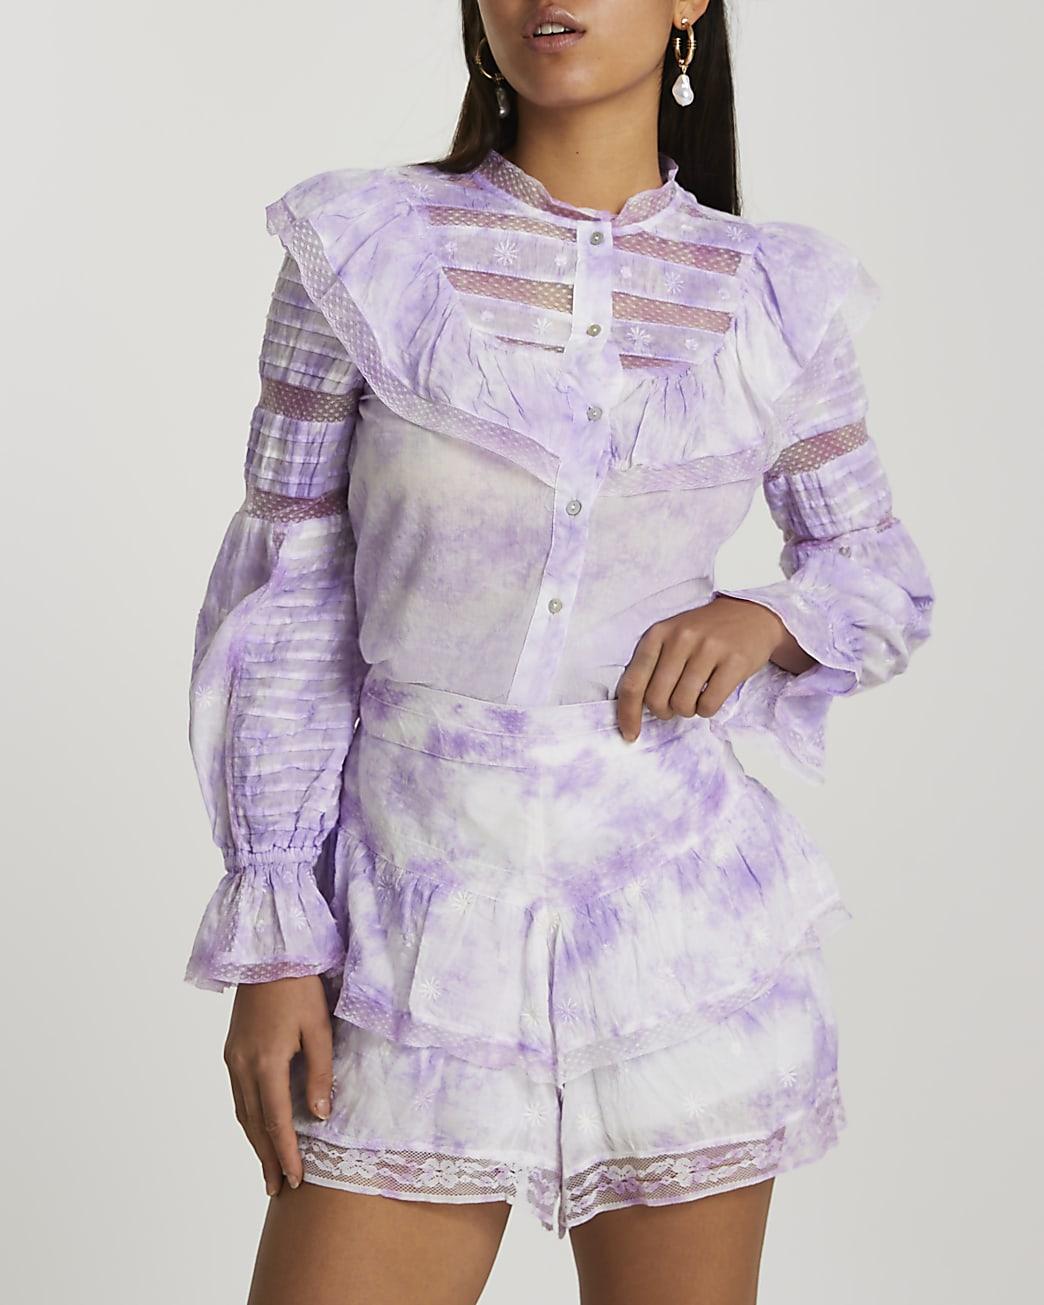 Purple tie dye shorts